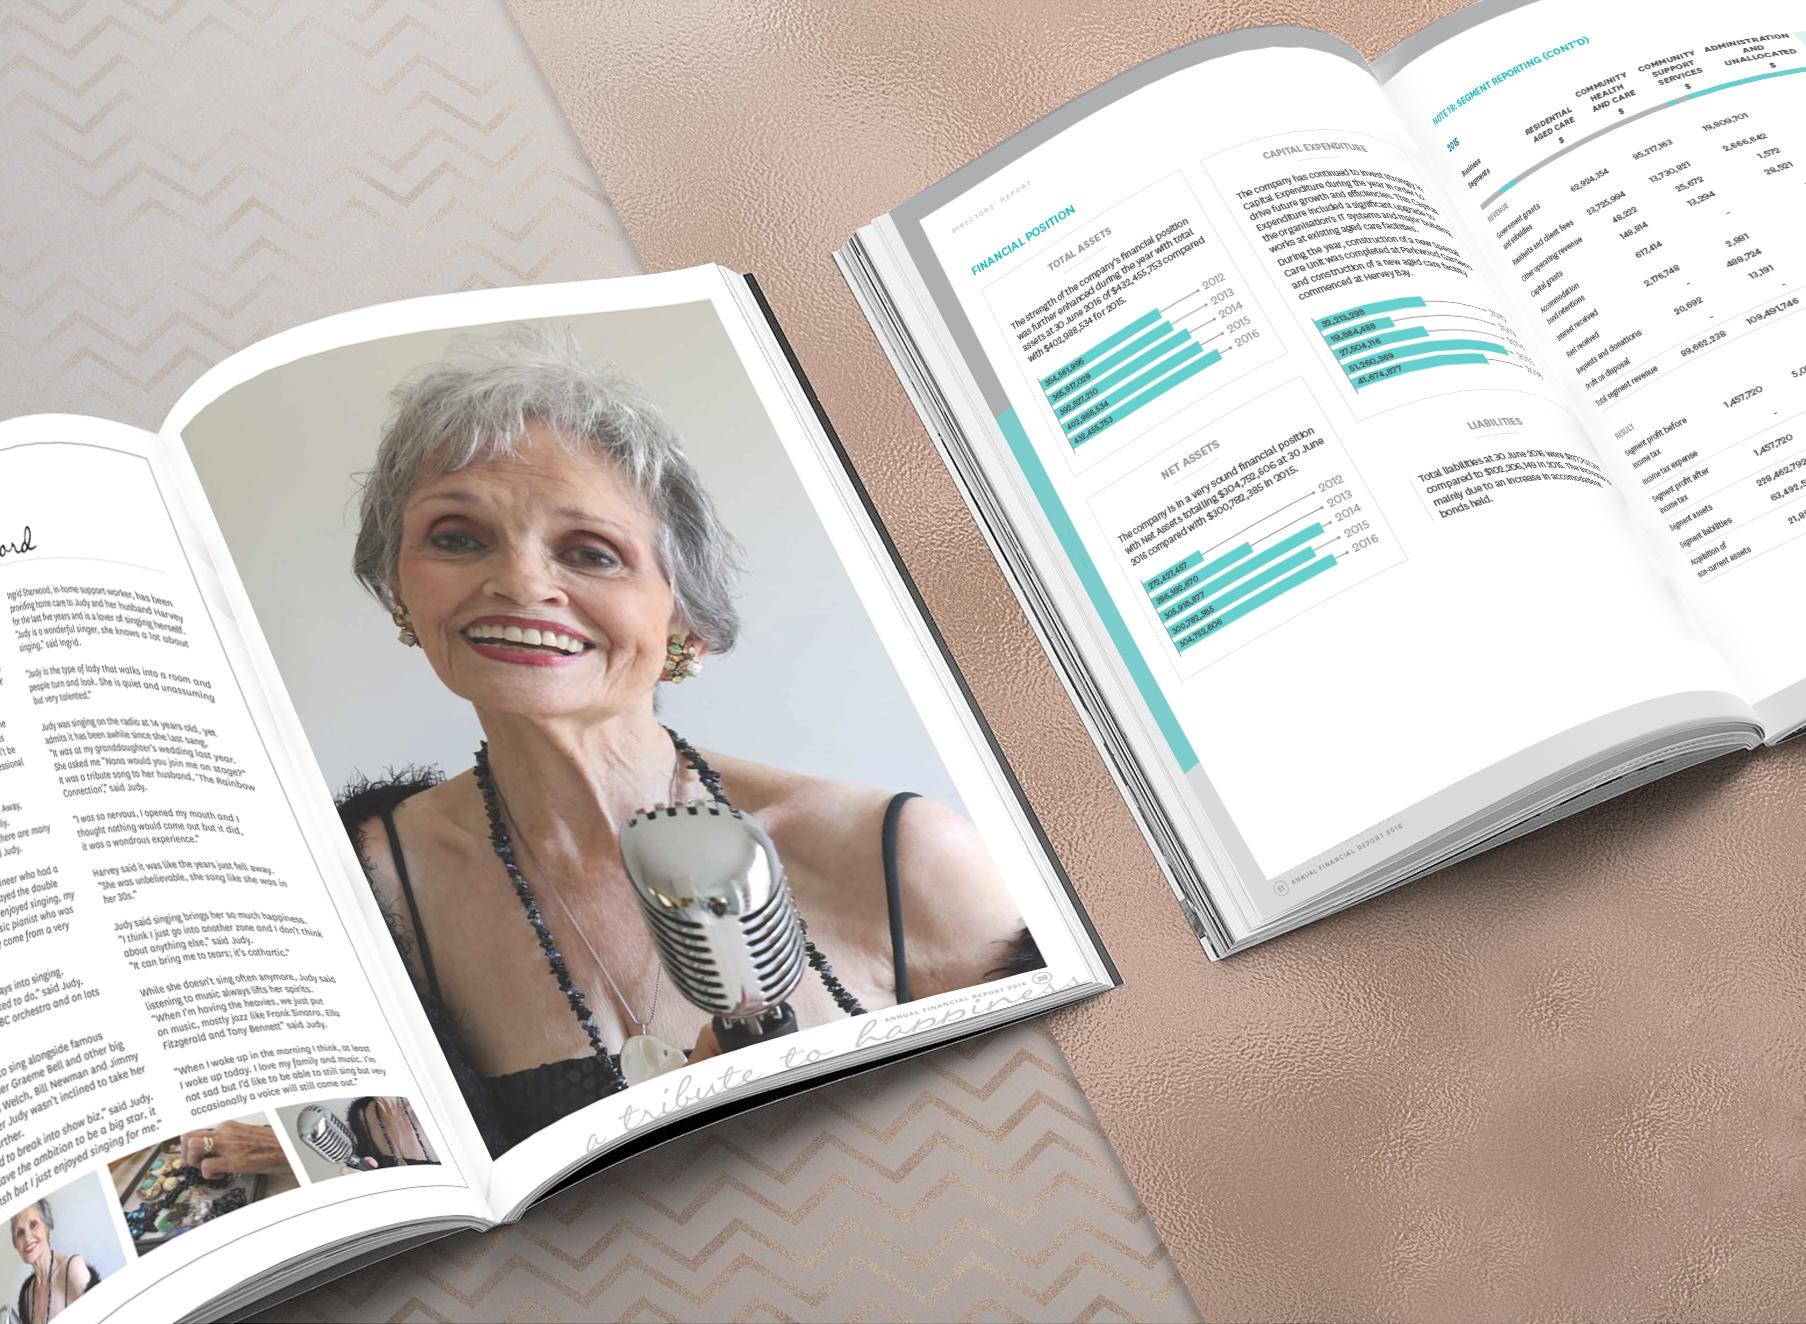 Ozcare 2016 Annual Report - Folio Graphic Design